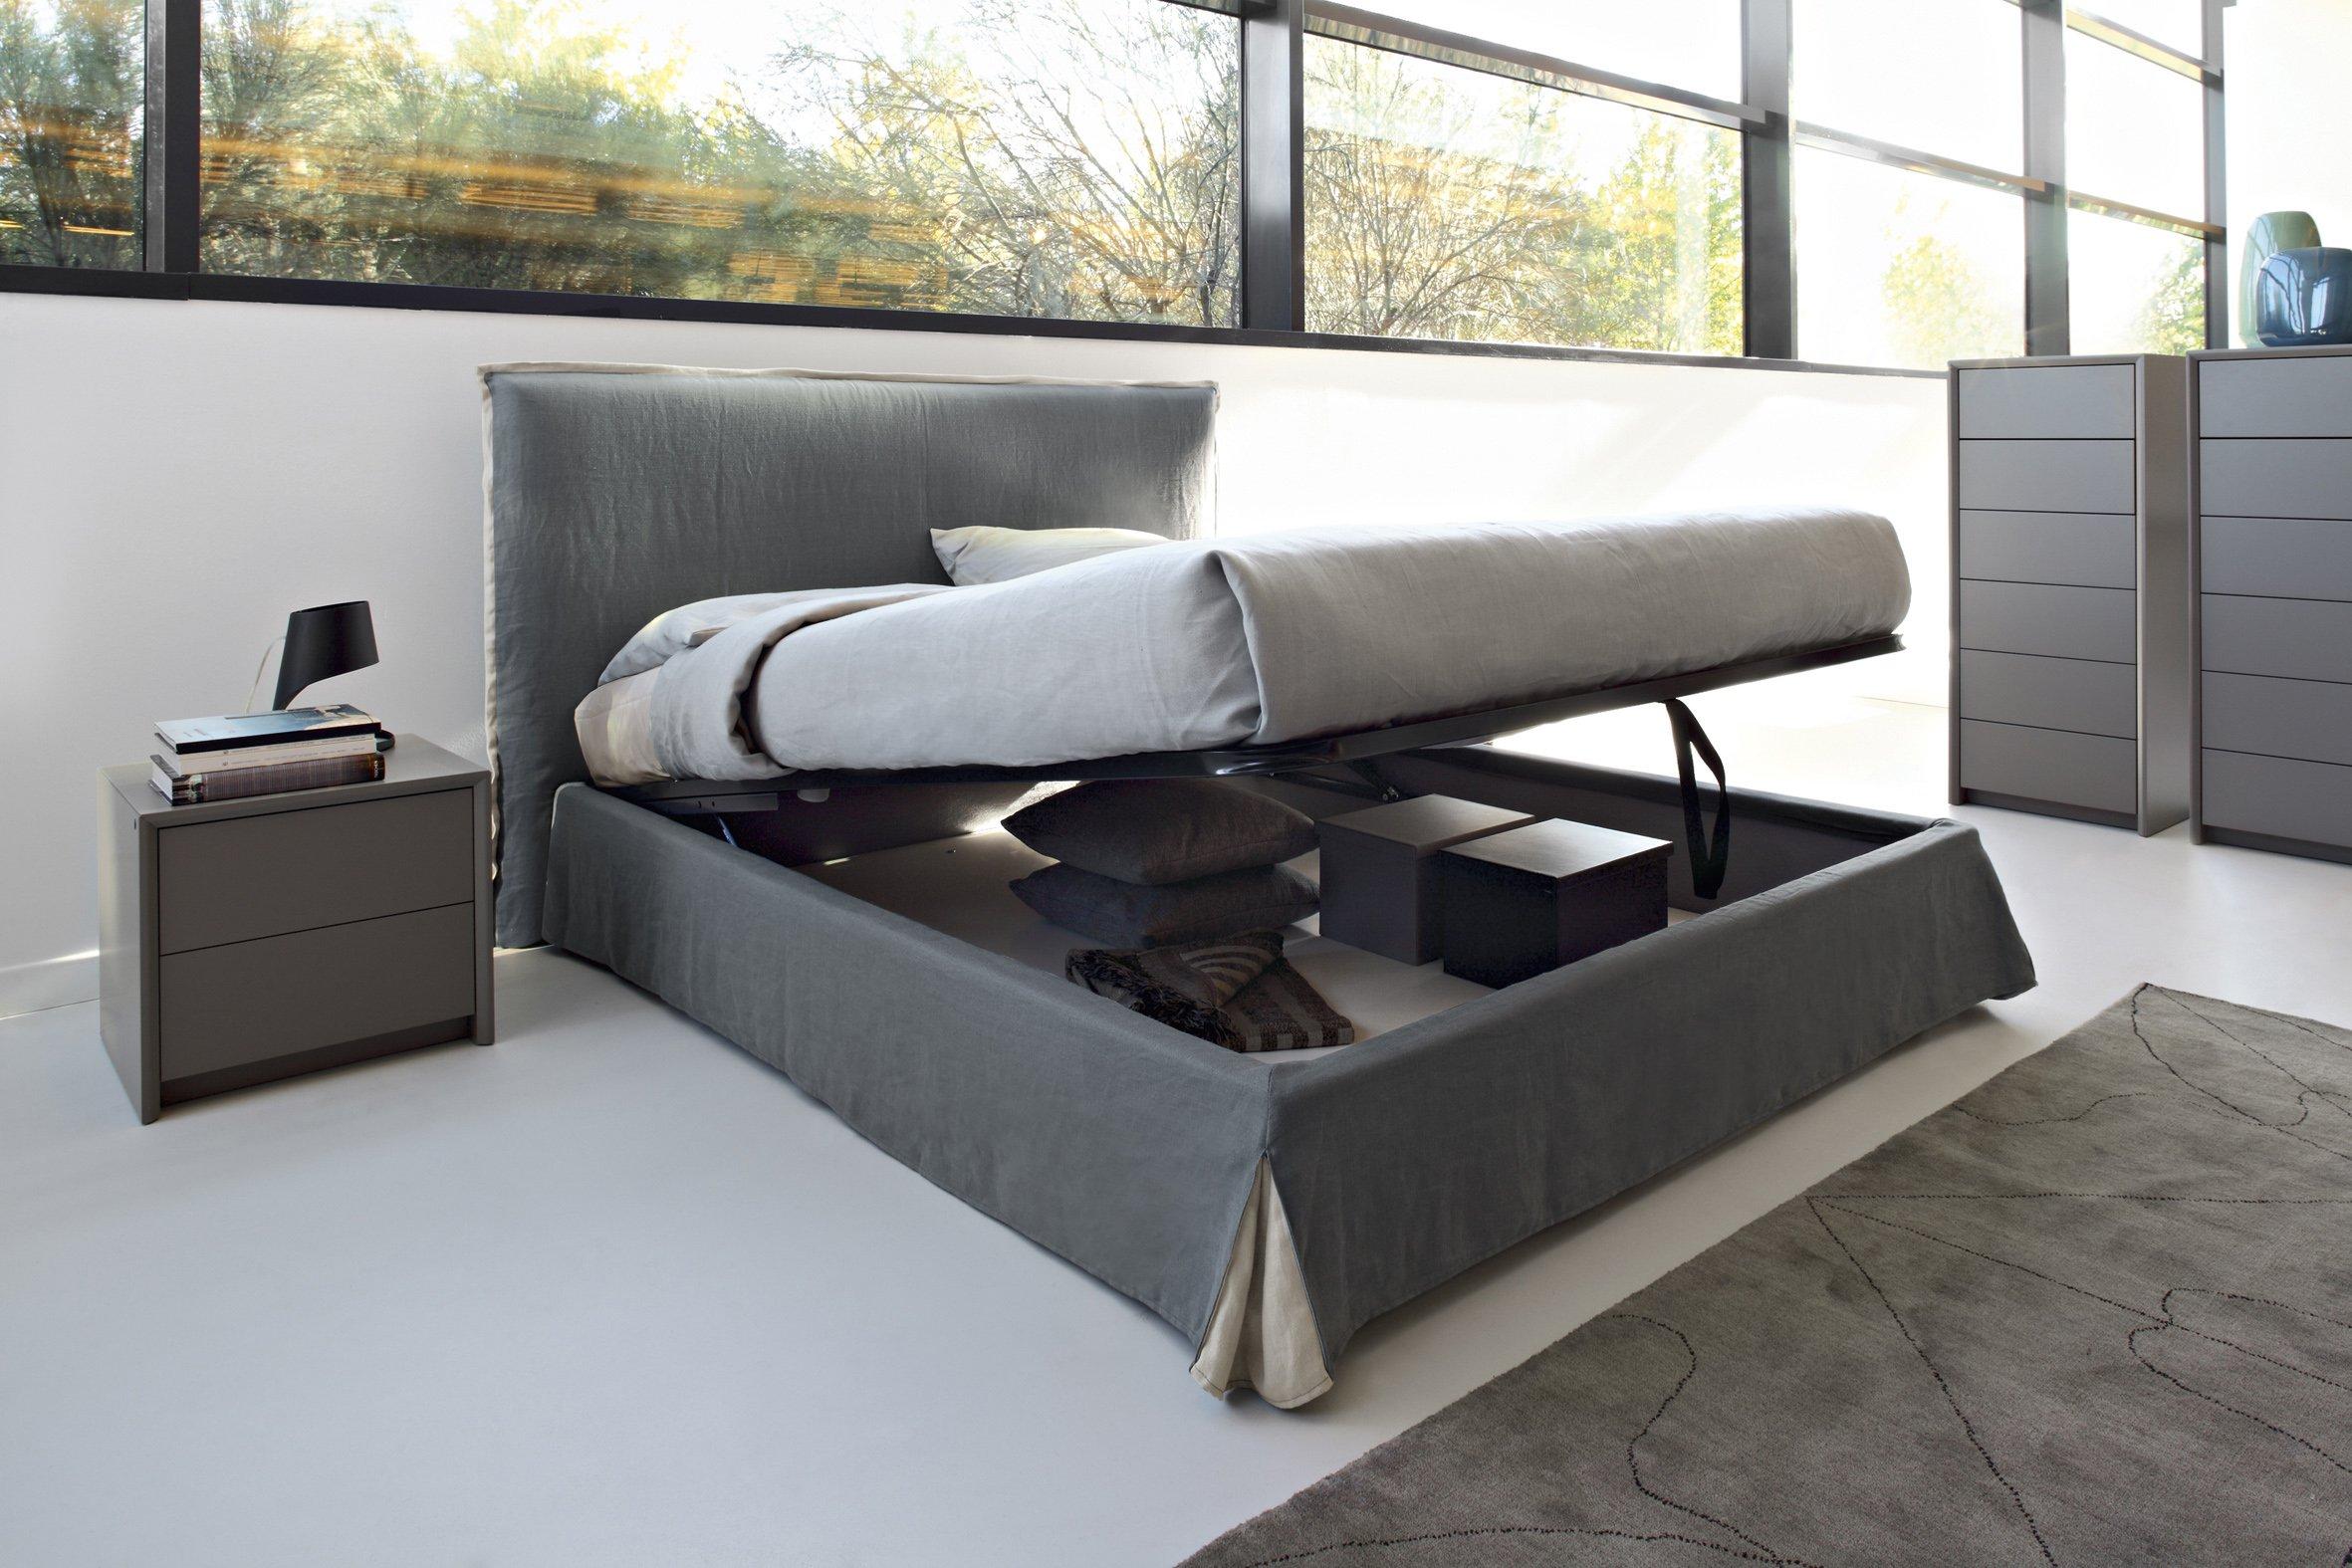 Letti con contenitore salvaspazio che liberano l 39 armadio cose di casa - Camere da letto con letto contenitore ...